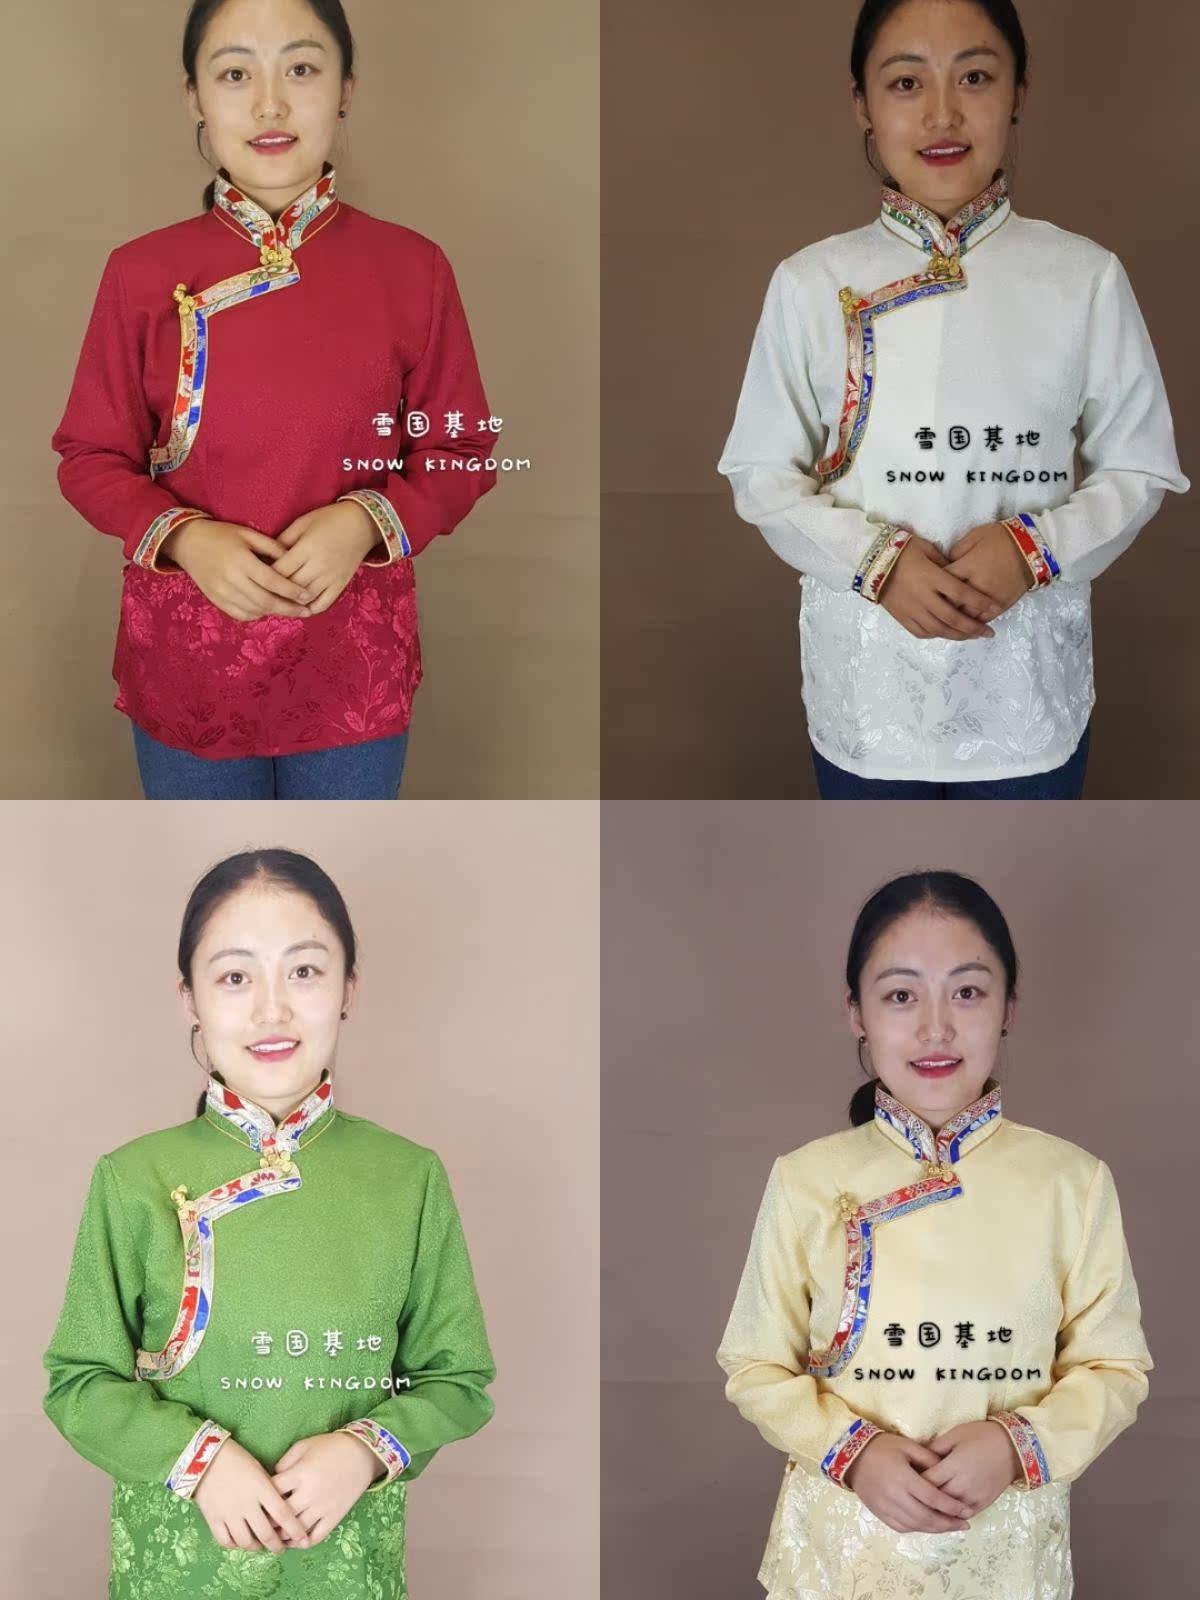 苏拉克夏西藏女士镶边包边锅庄舞蹈衬衣藏装藏袍藏族藏服西藏民族